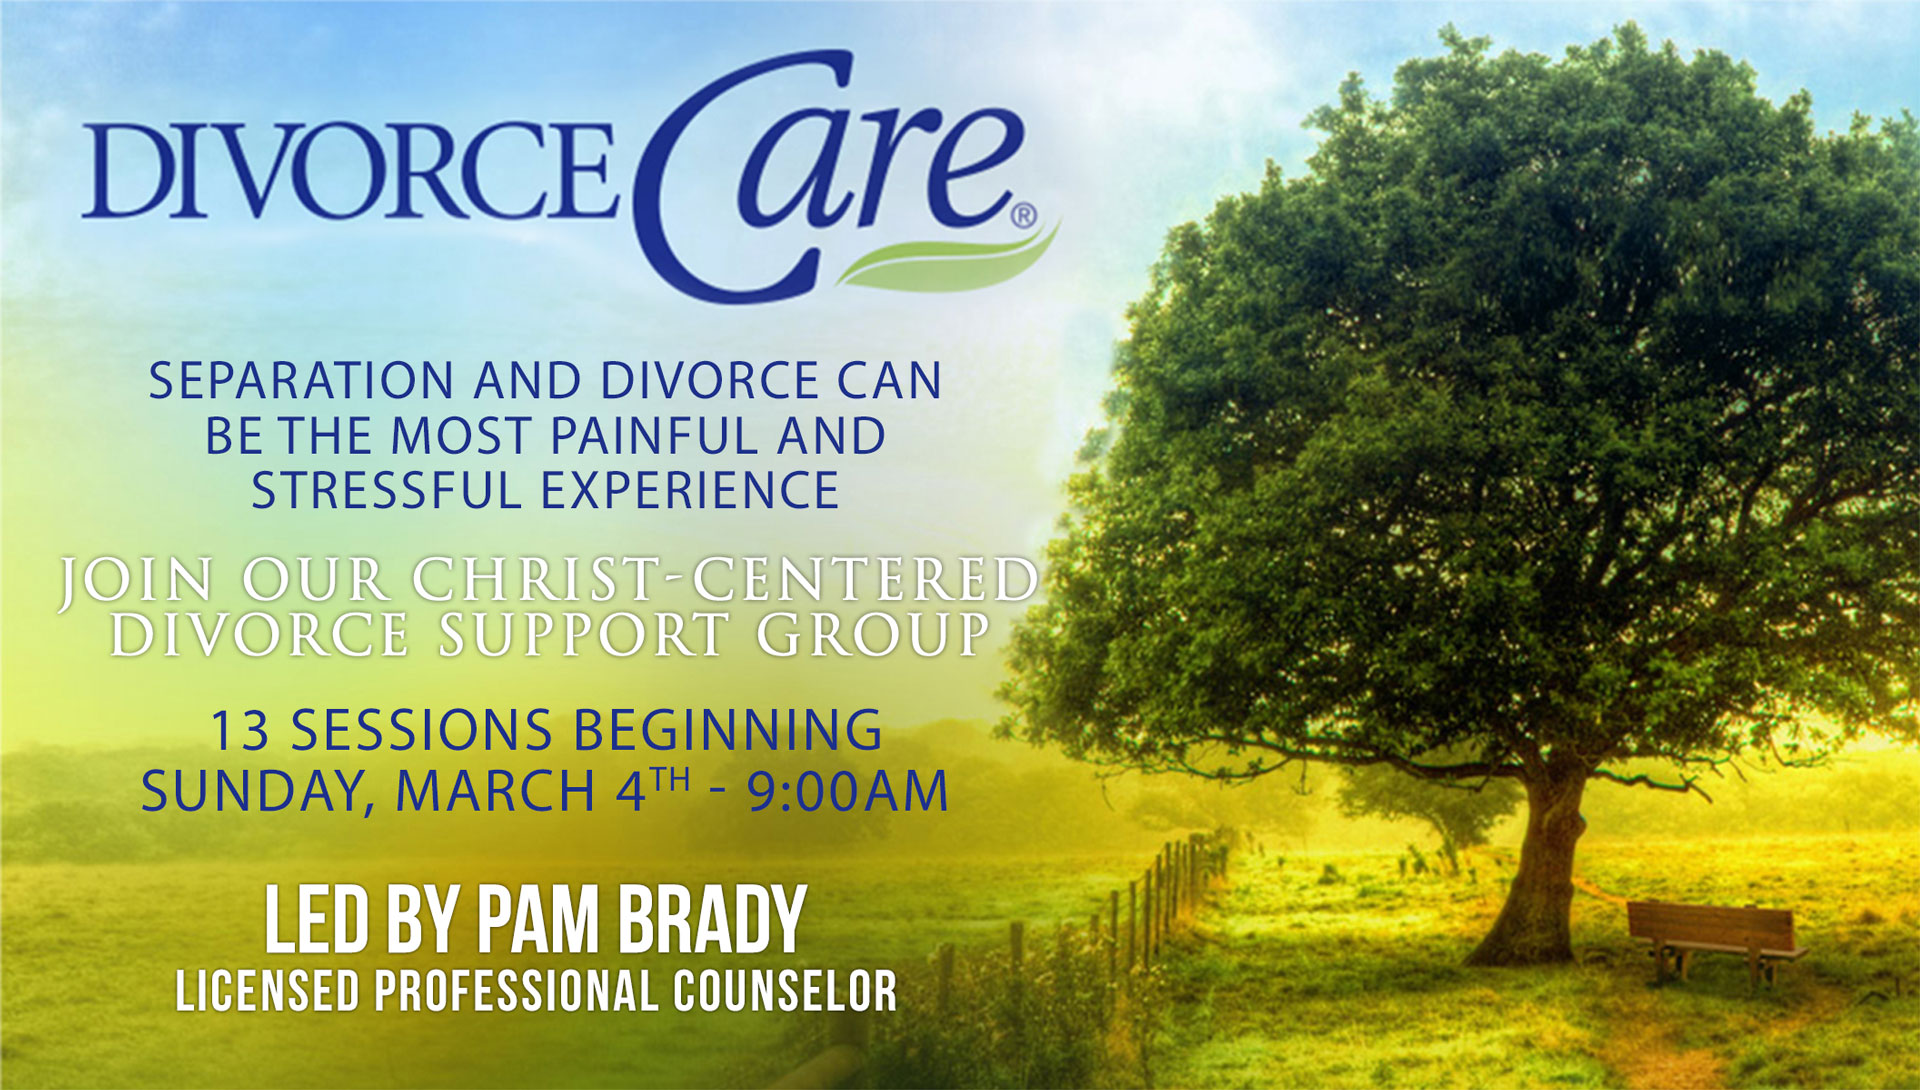 Divorcecare splash